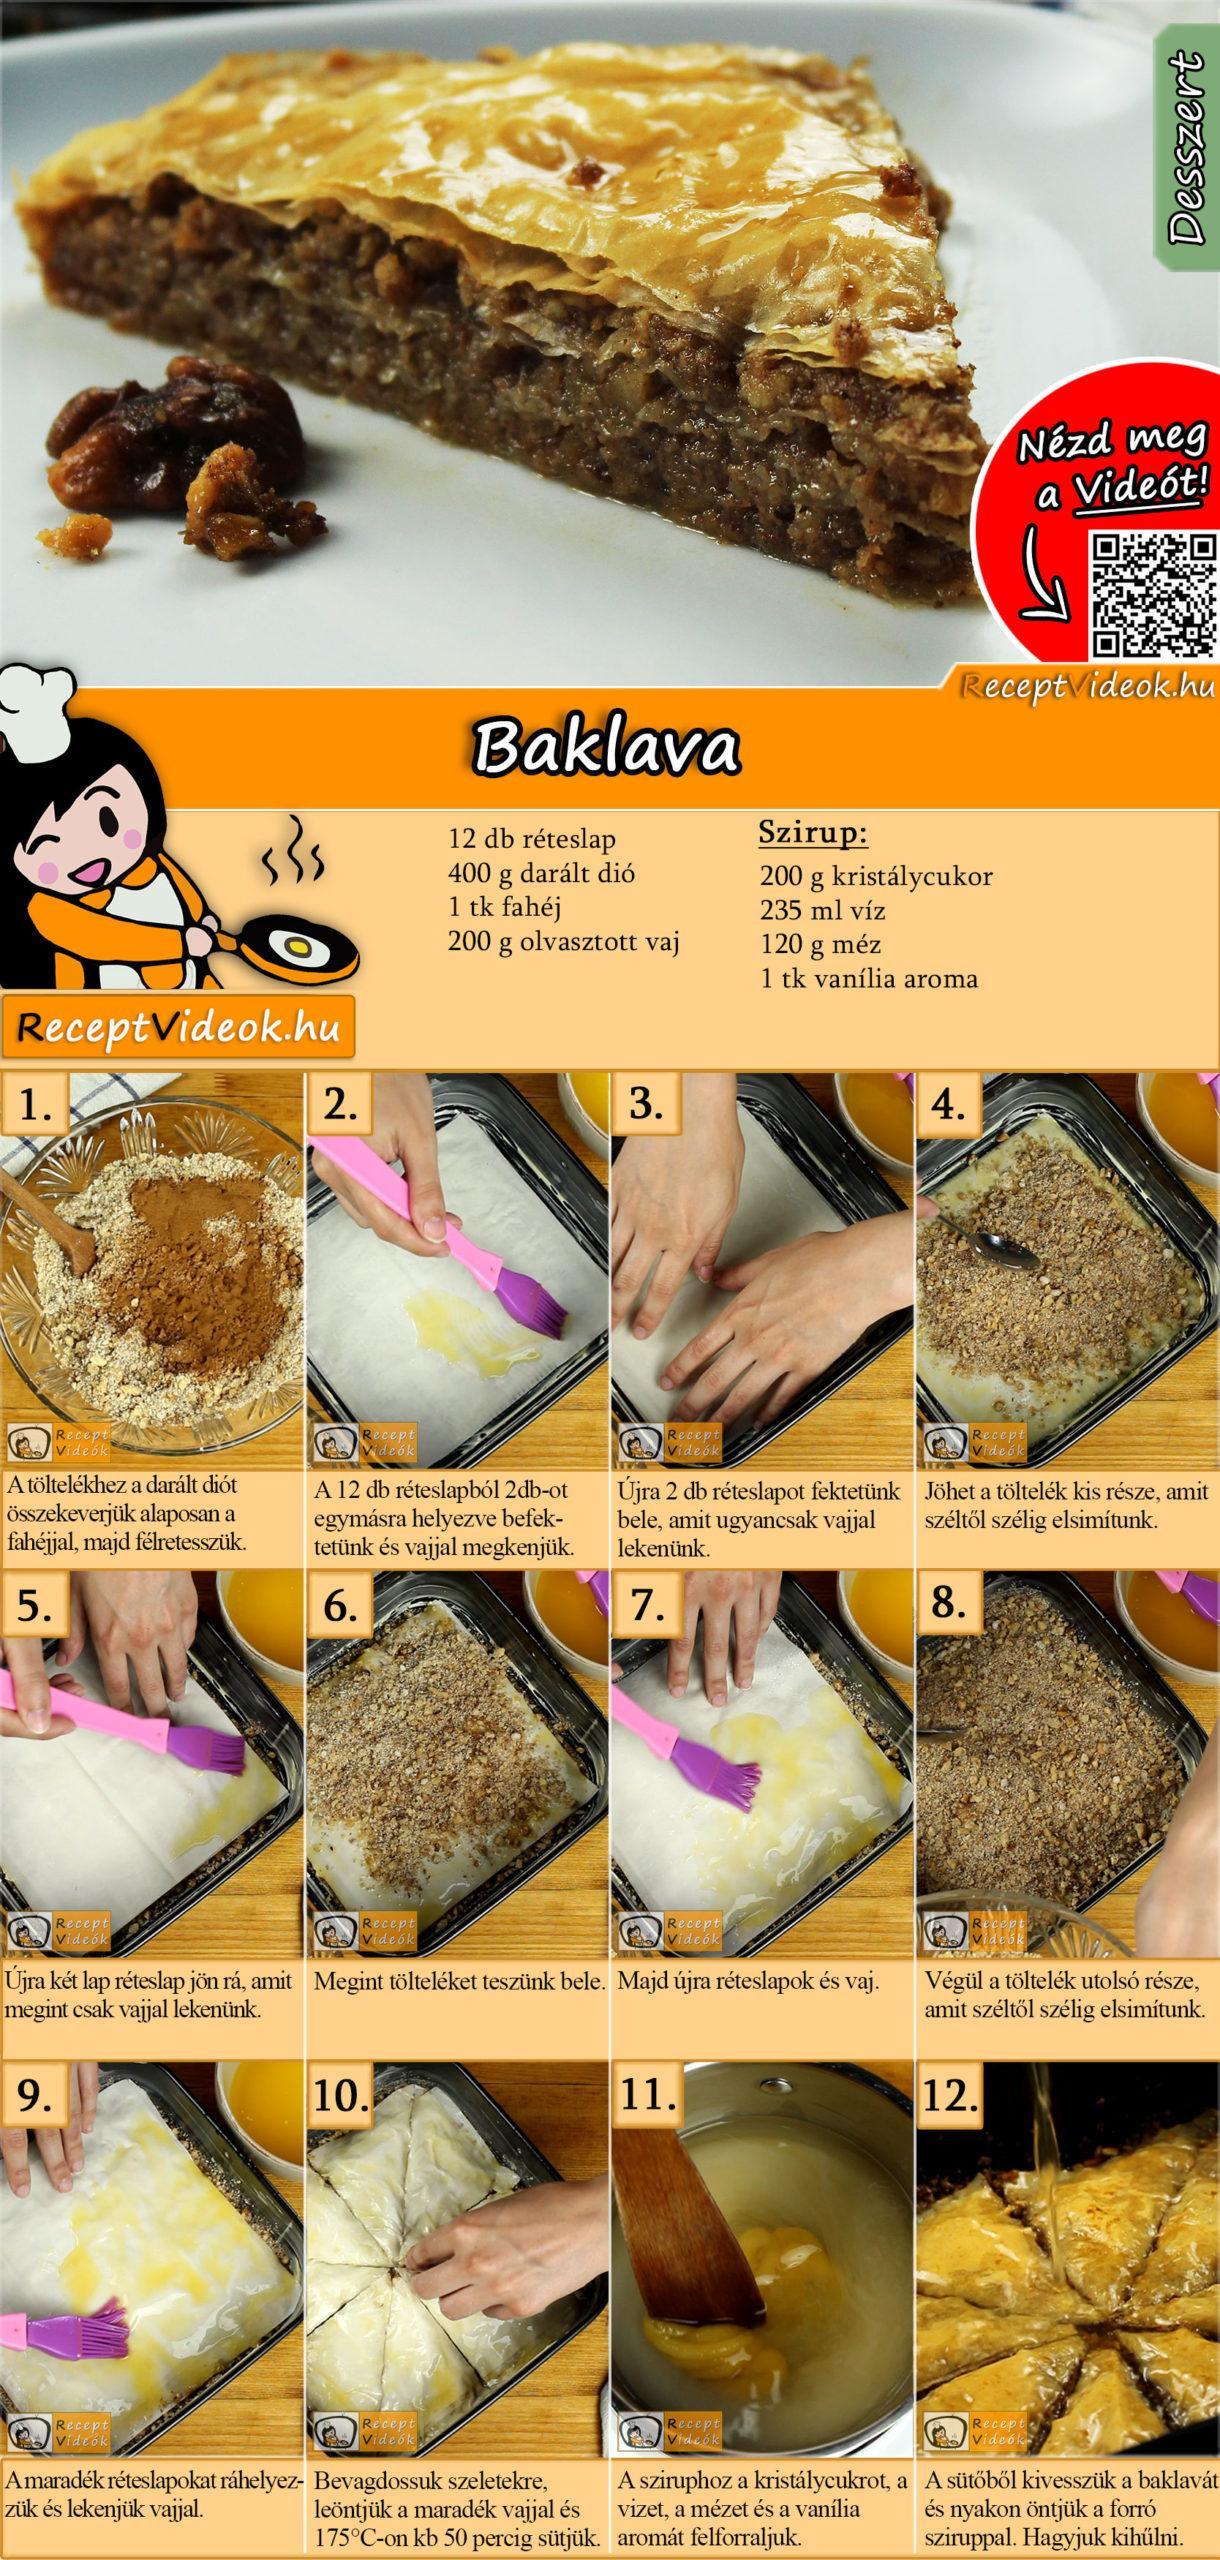 Baklava recept elkészítése videóval